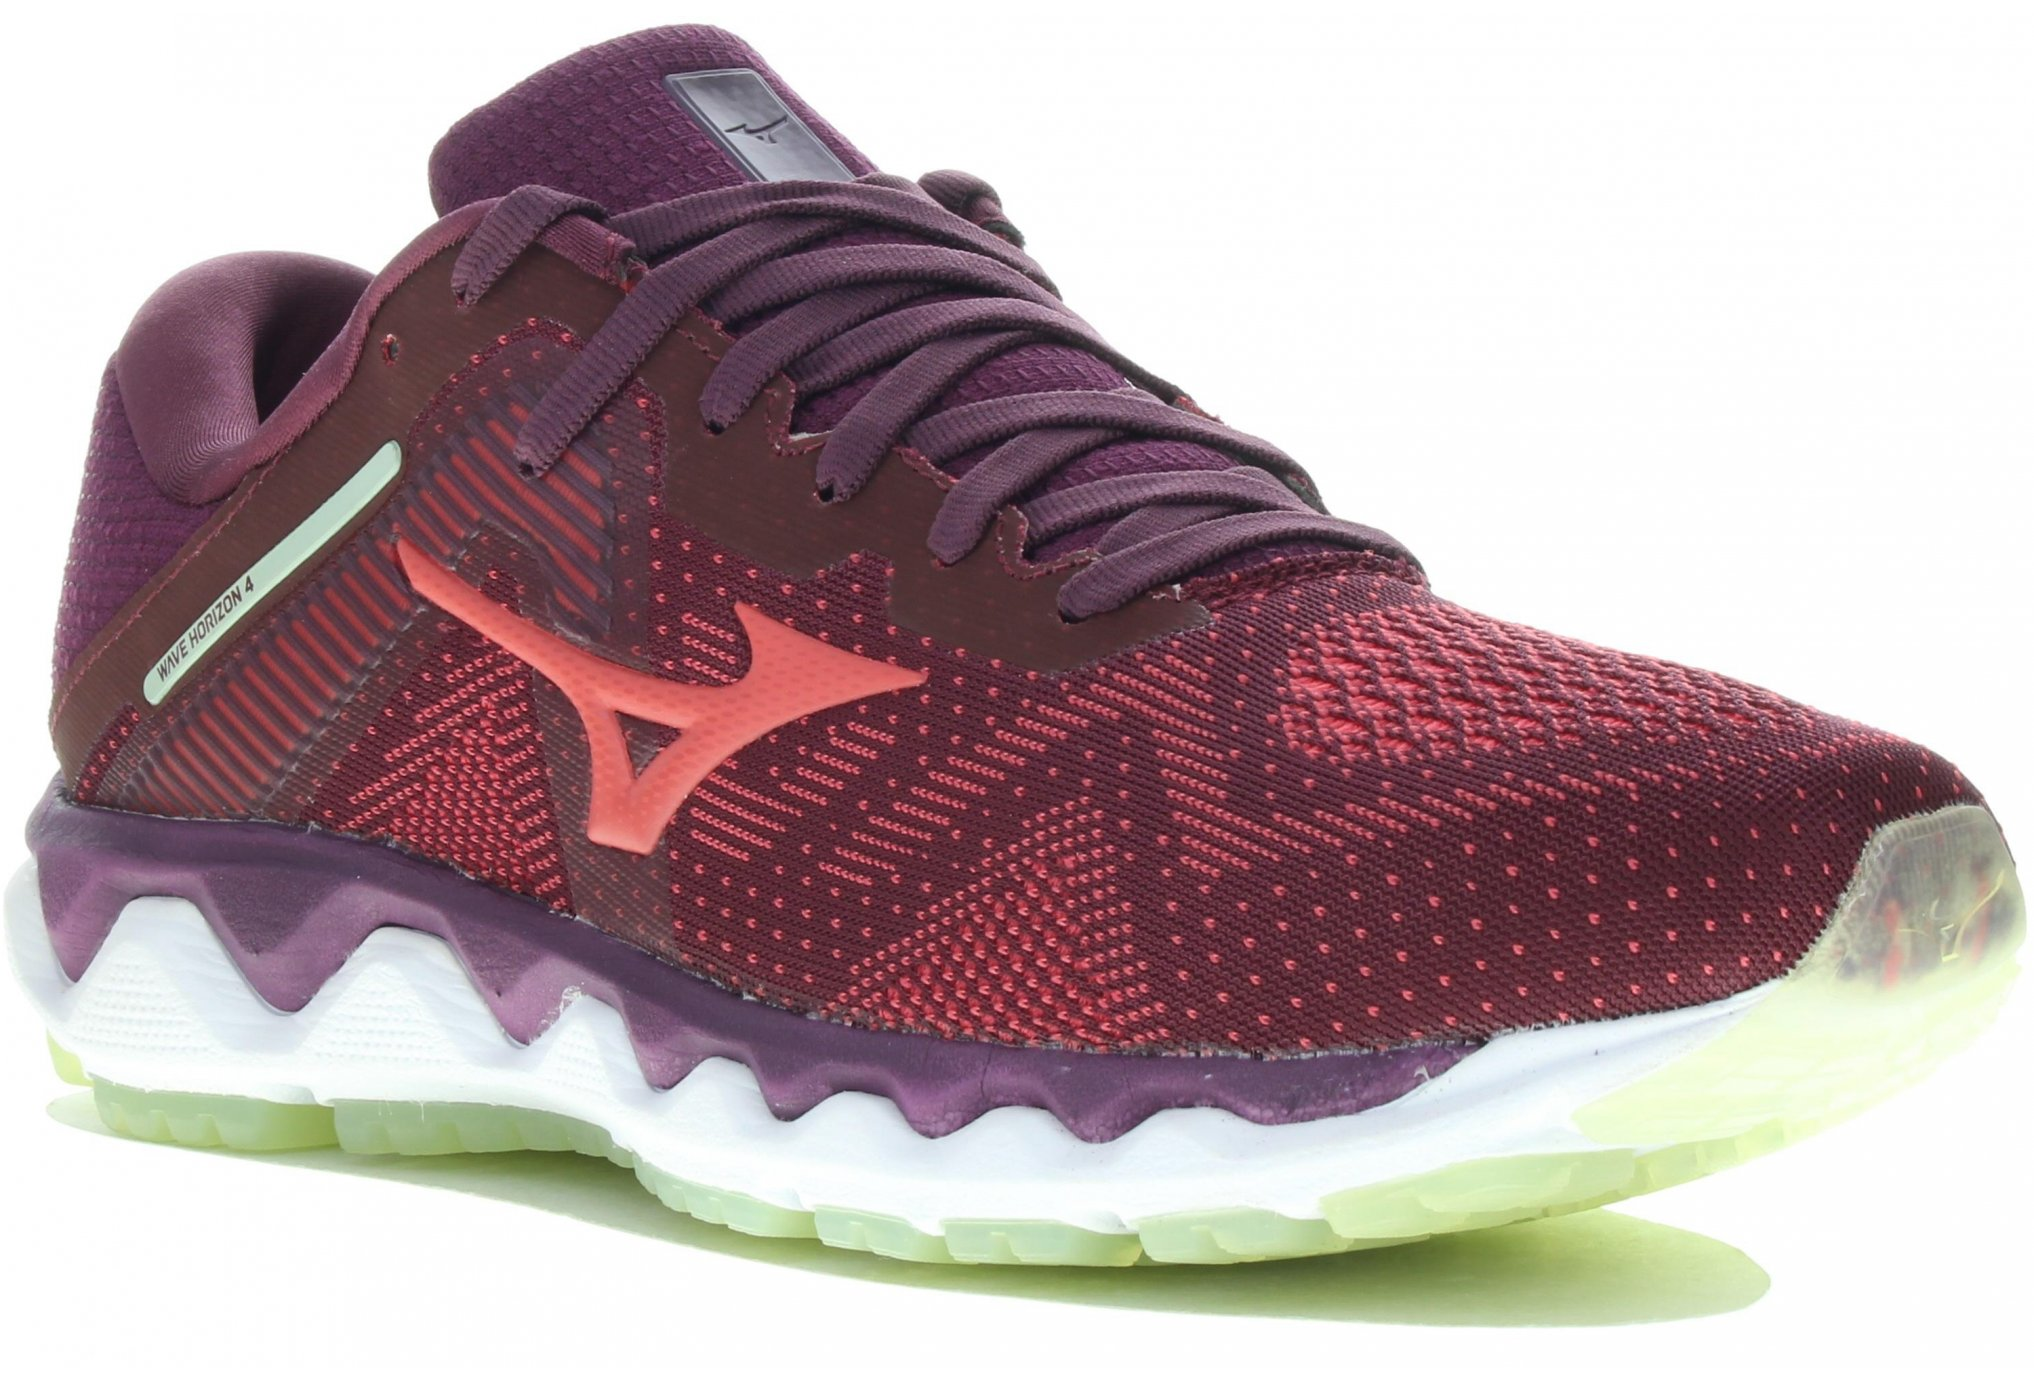 Mizuno Wave Horizon 4 Chaussures running femme